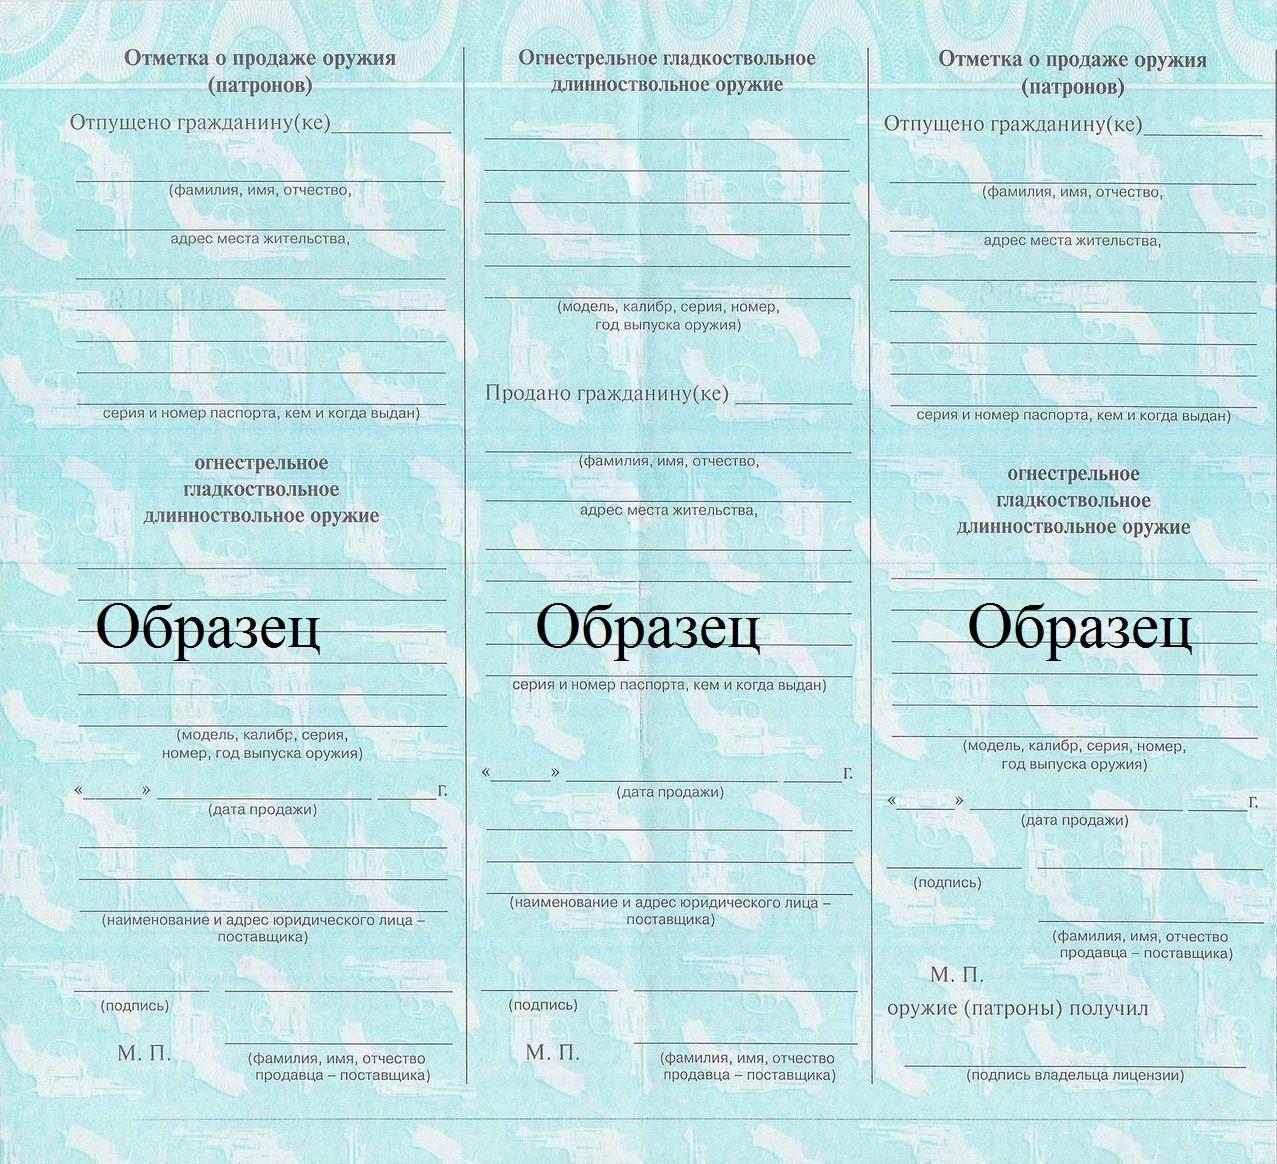 Заявление в прокуратуру образец о не законном снятии с банковской карты денег